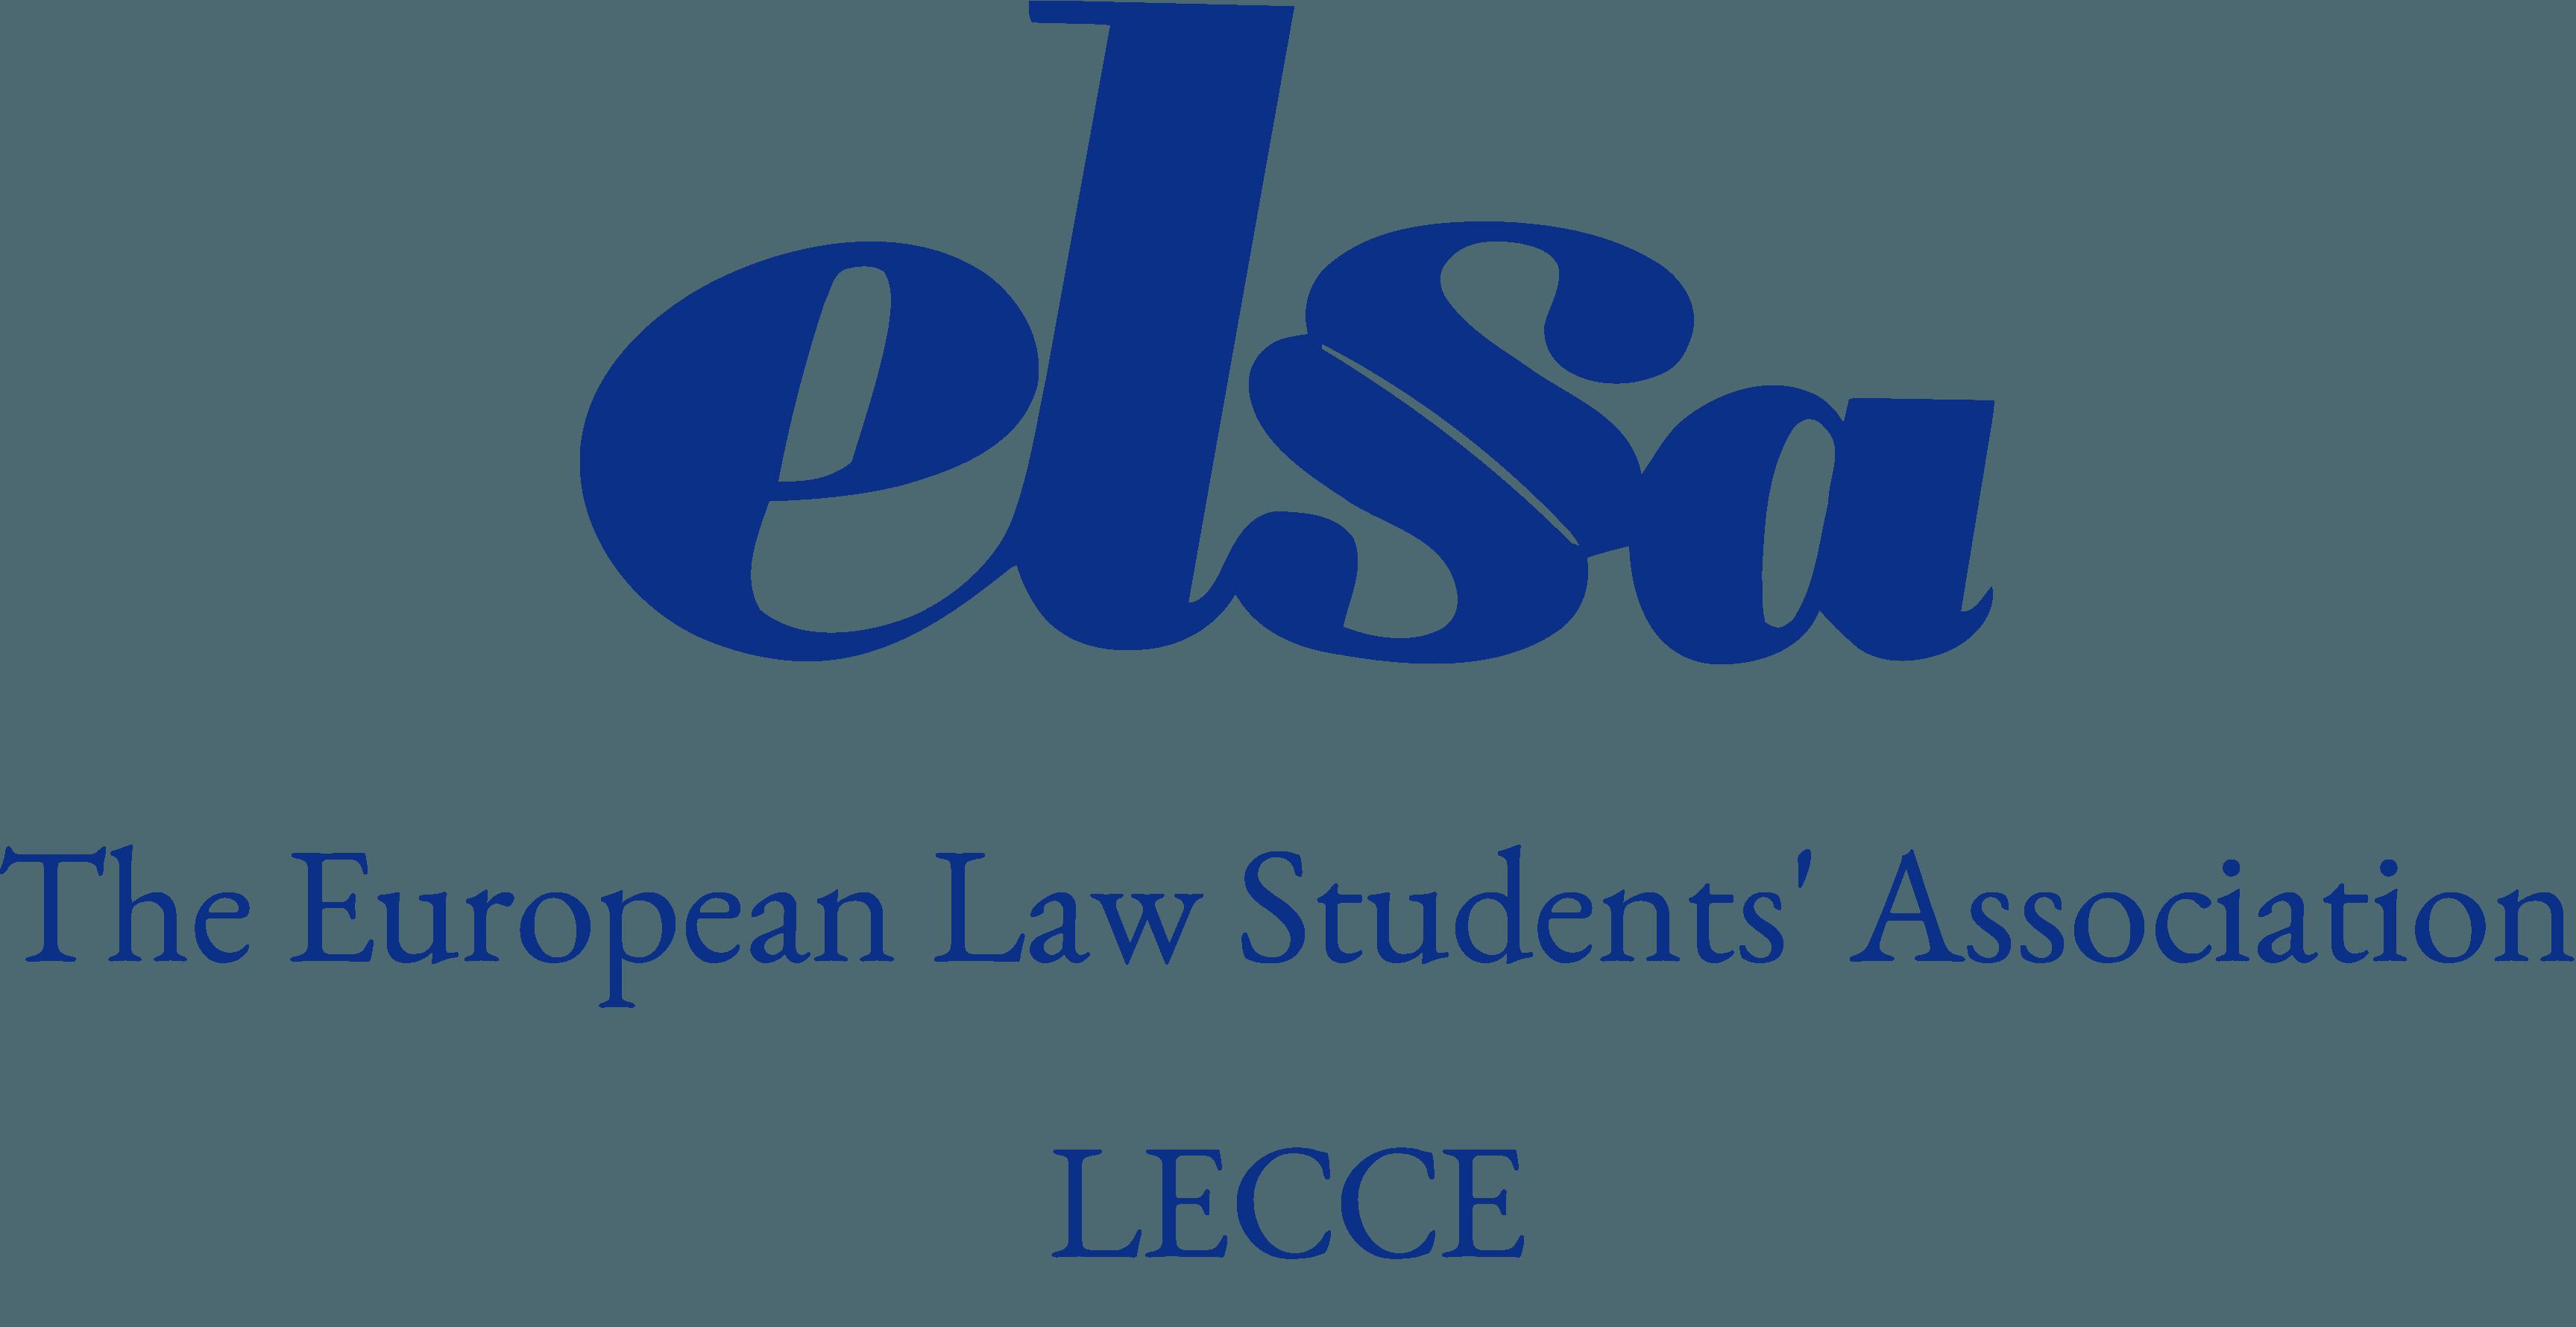 ELSA Lecce